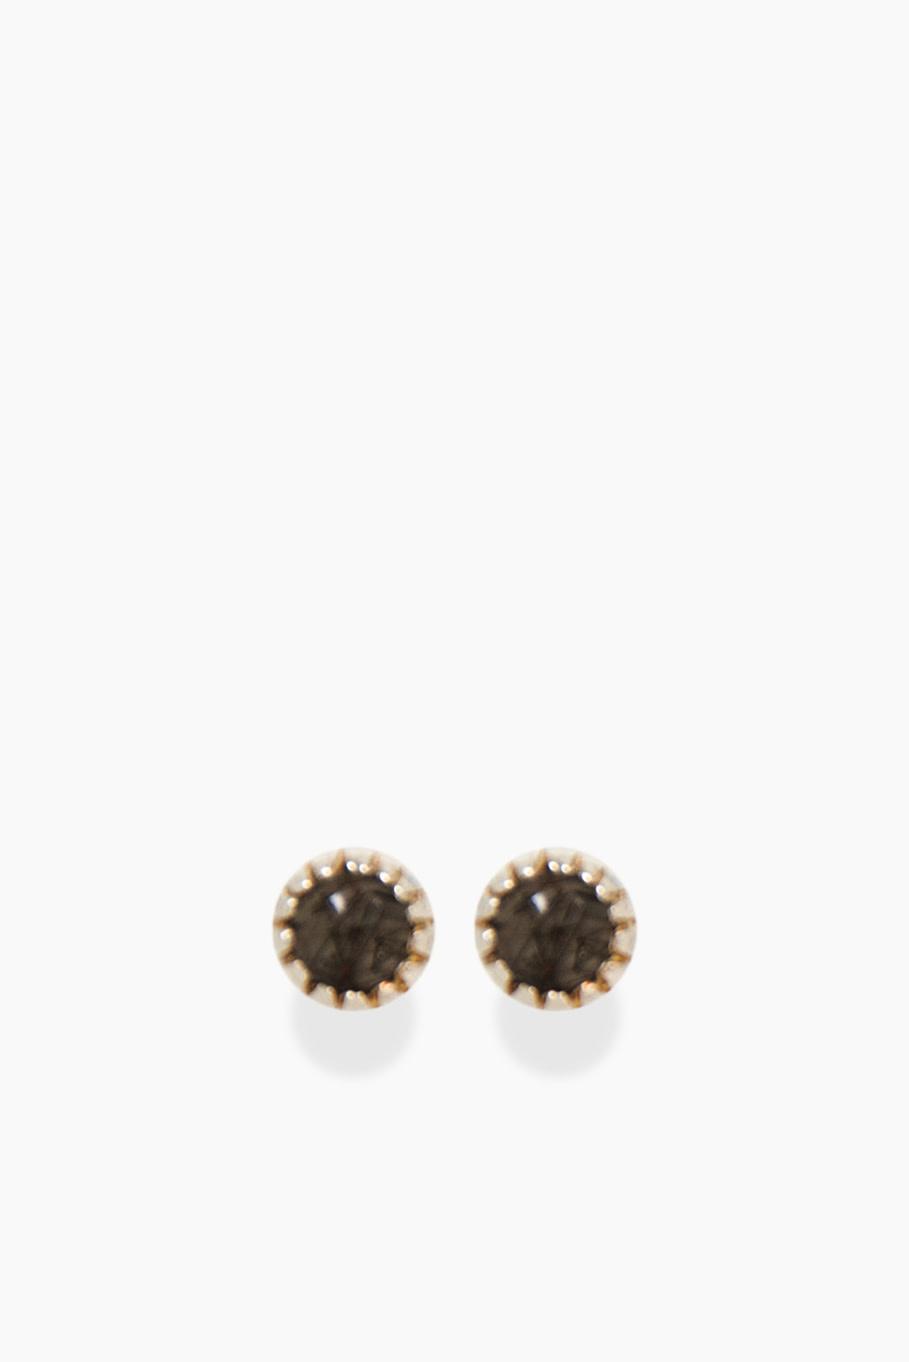 Détail Detail earrings Gratia Rutile black (7738)